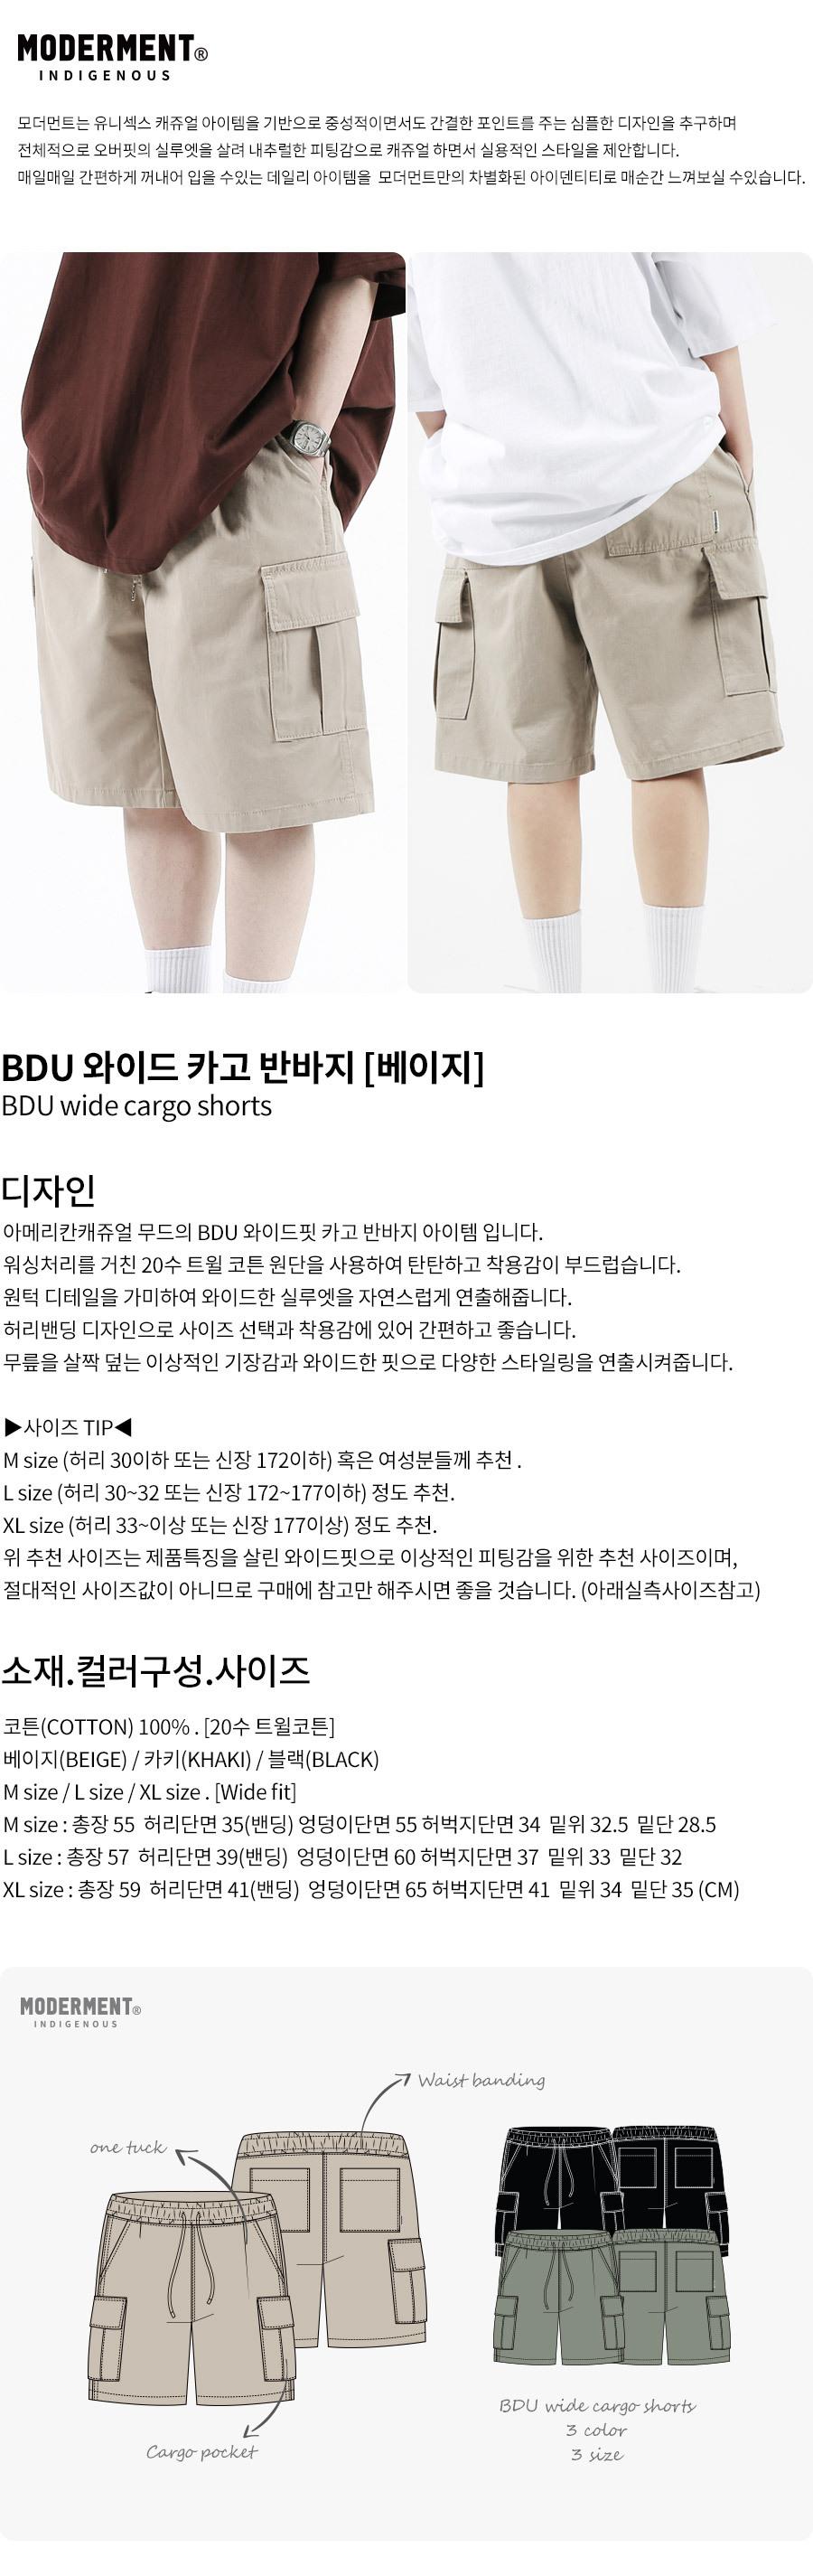 BDU 와이드 카고 반바지 [베이지]